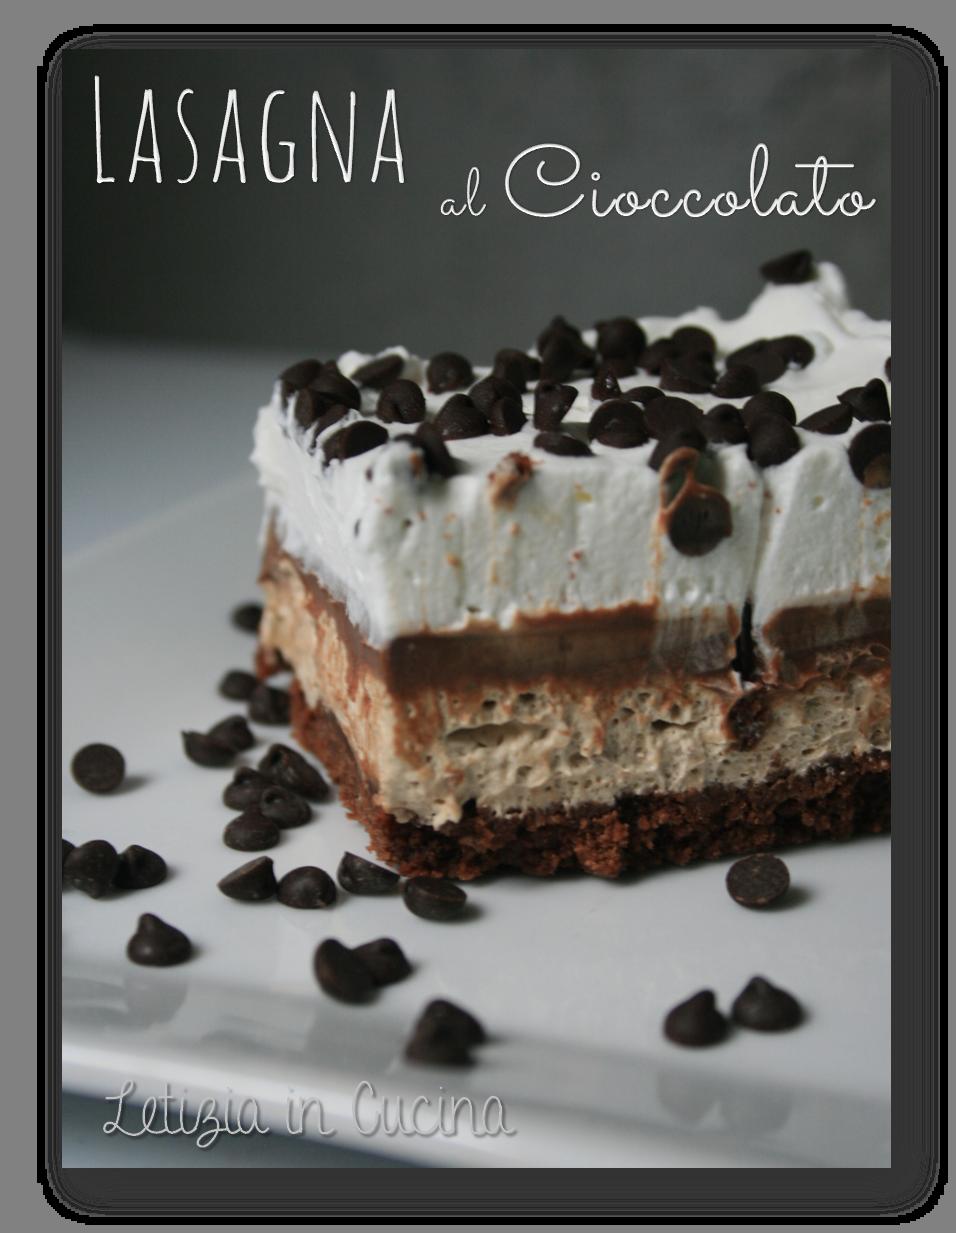 Letizia in Cucina: Lasagna al cioccolato - Chocolate Lasagna | Torte ...